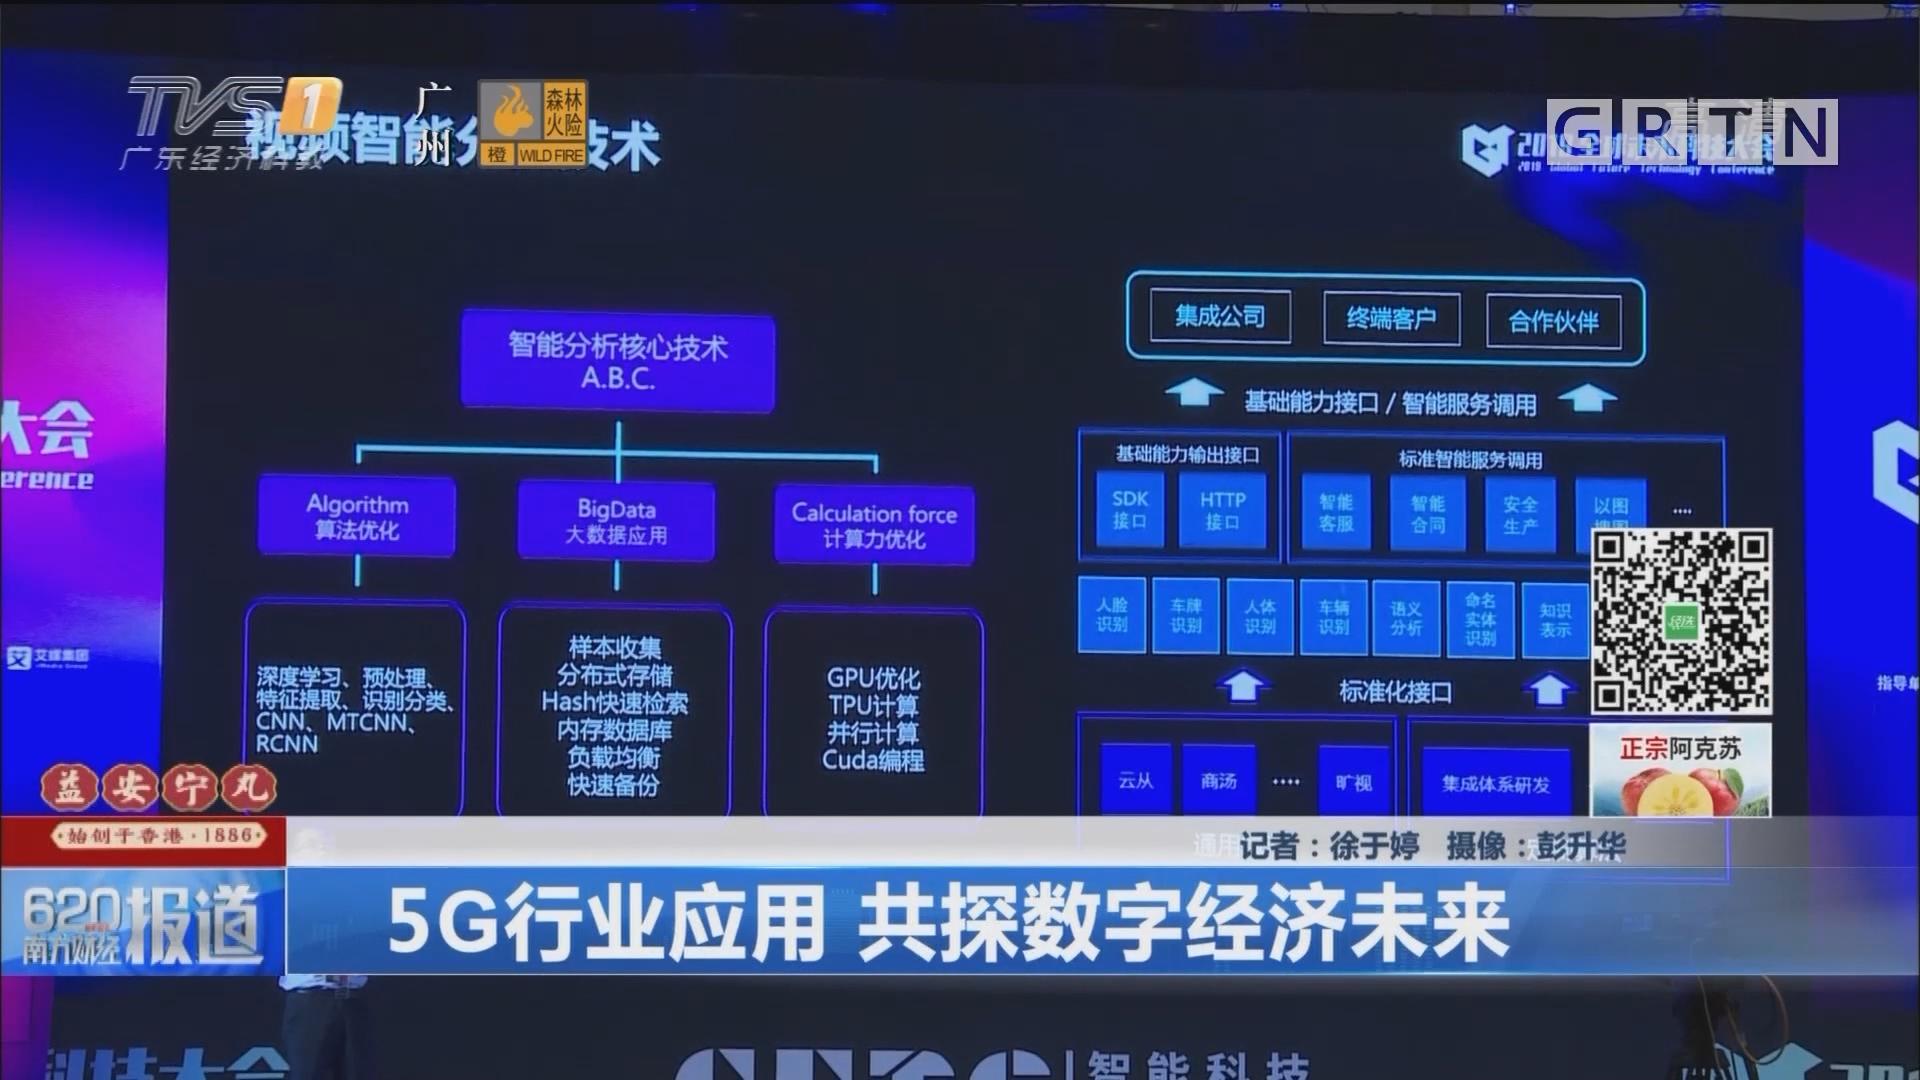 5G行业应用 共探数字经济未来